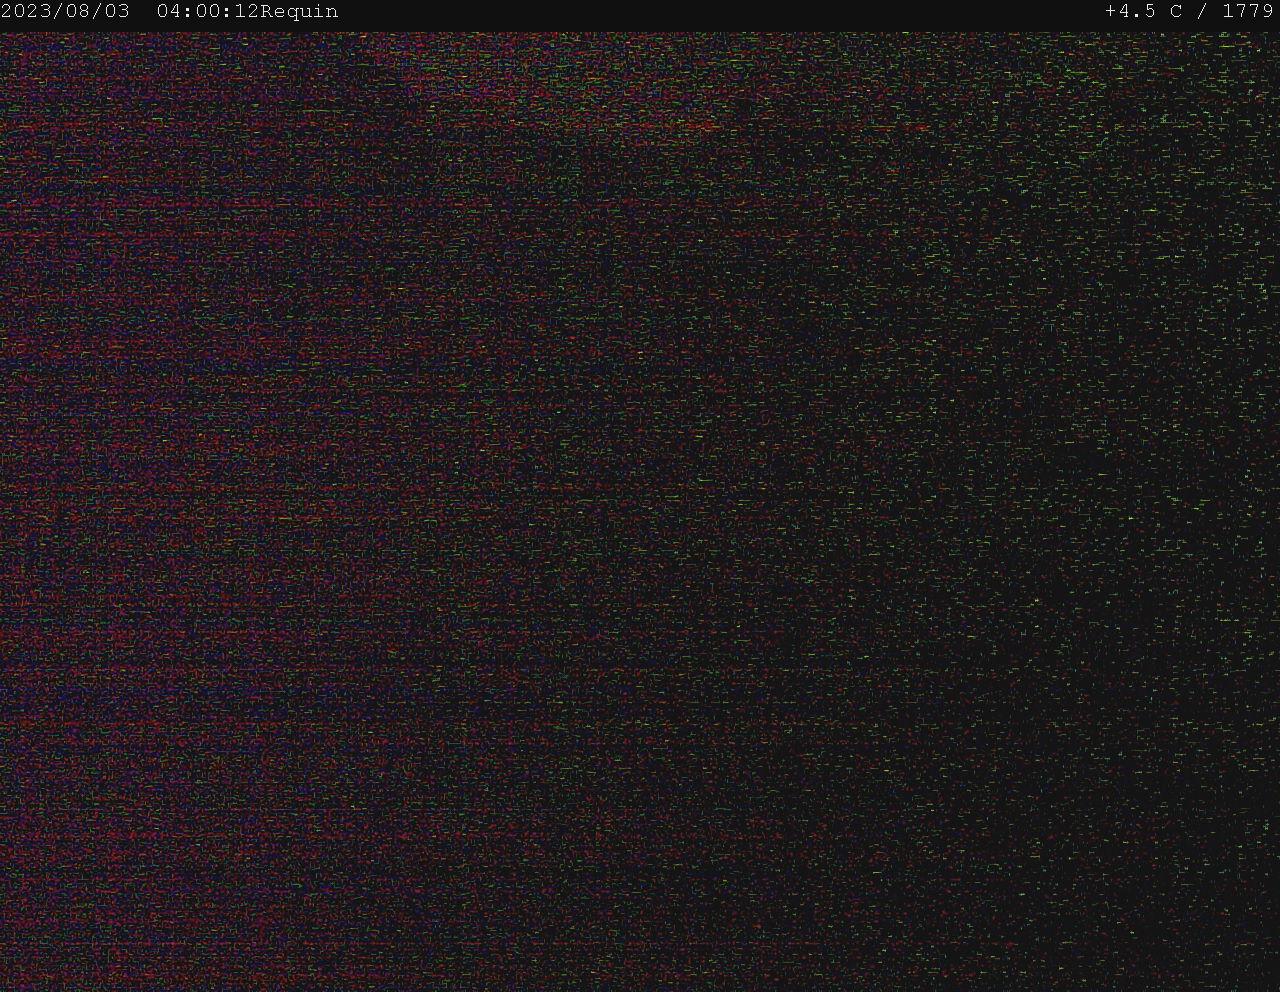 Webcam looking at Glacier du Géant Vallee Blanche Chamonix